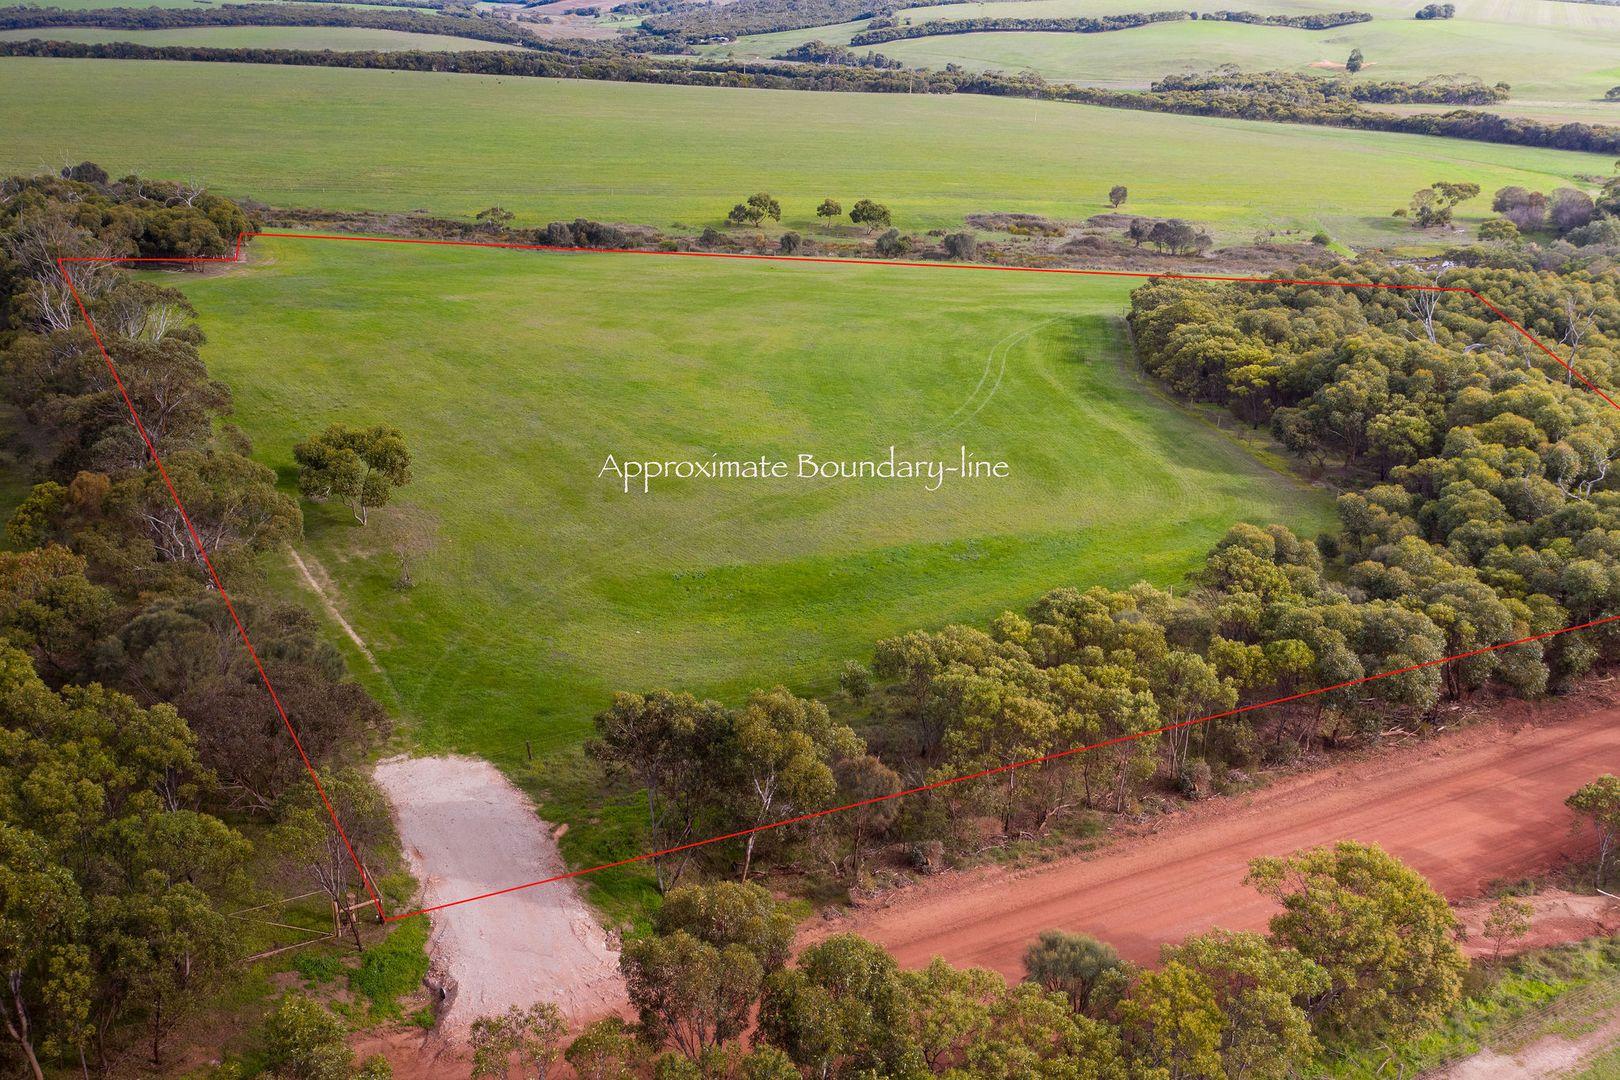 Lot 1 Charlton Gully Road, Charlton Gully SA 5607, Image 0